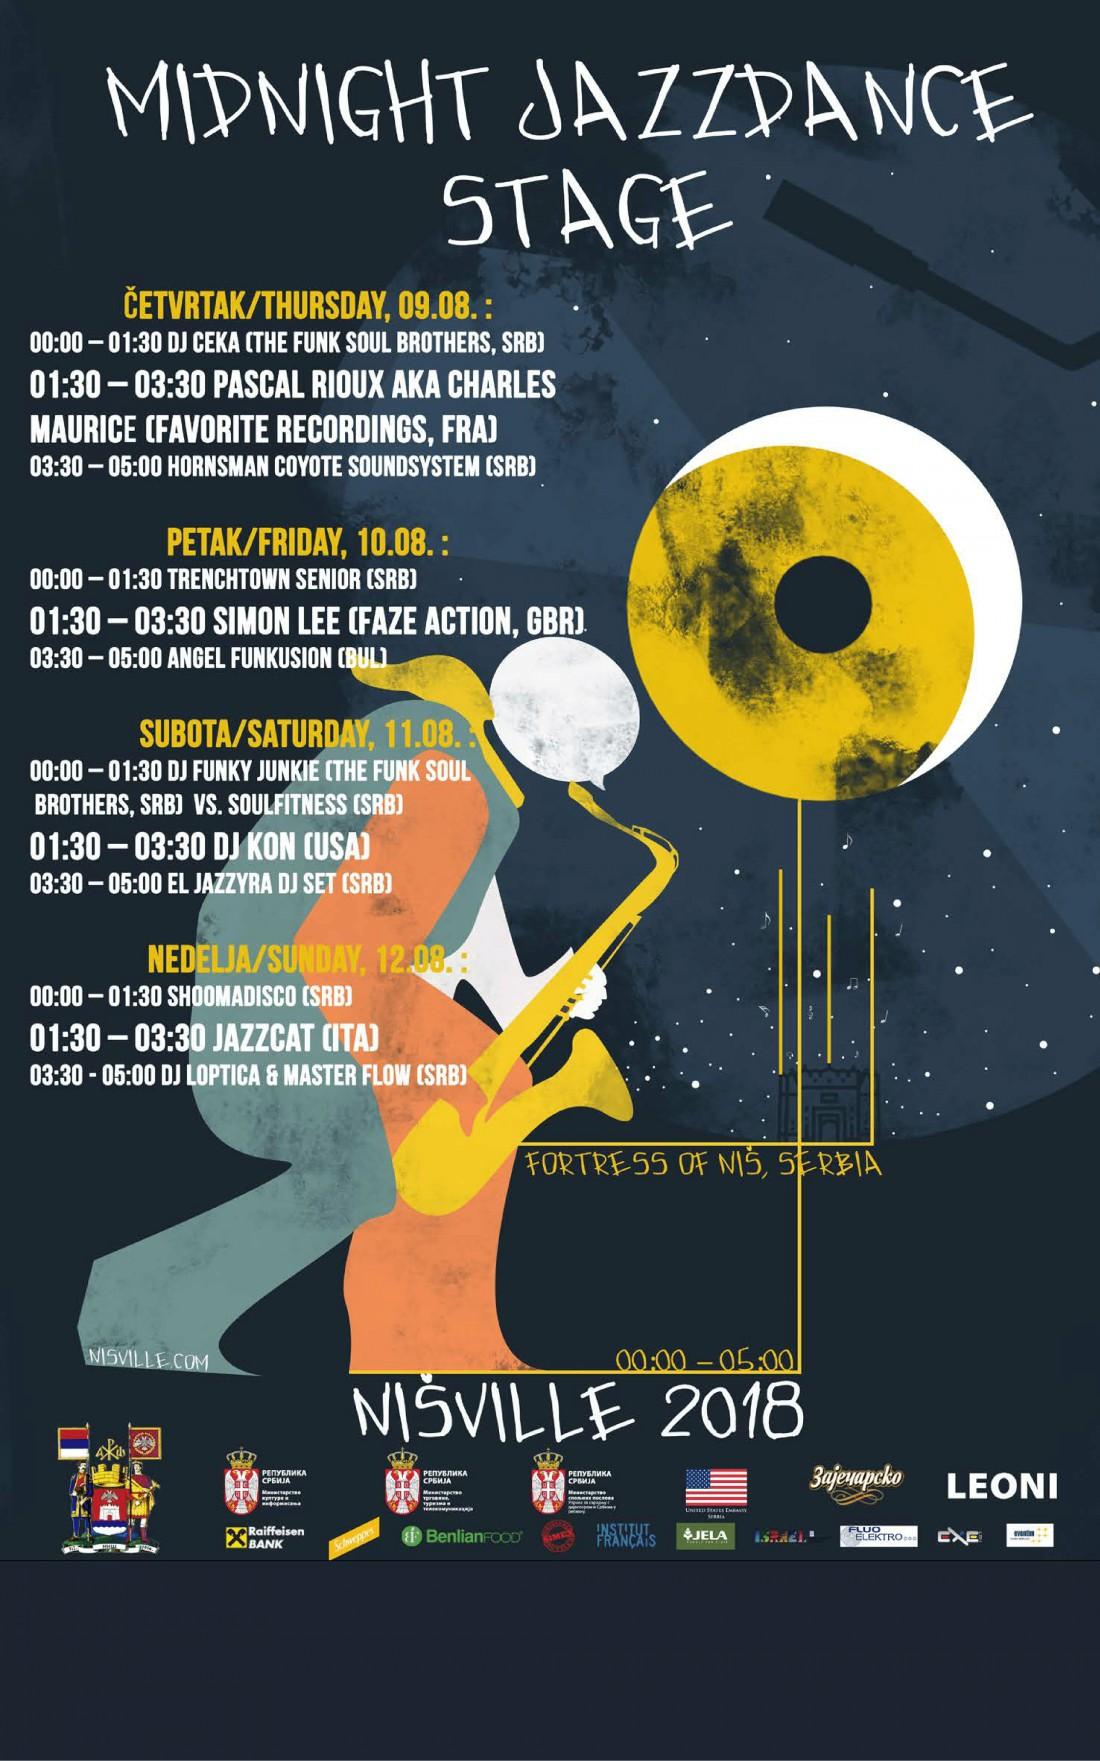 Midnight Jazz Dance LIneup - Nisville 2018